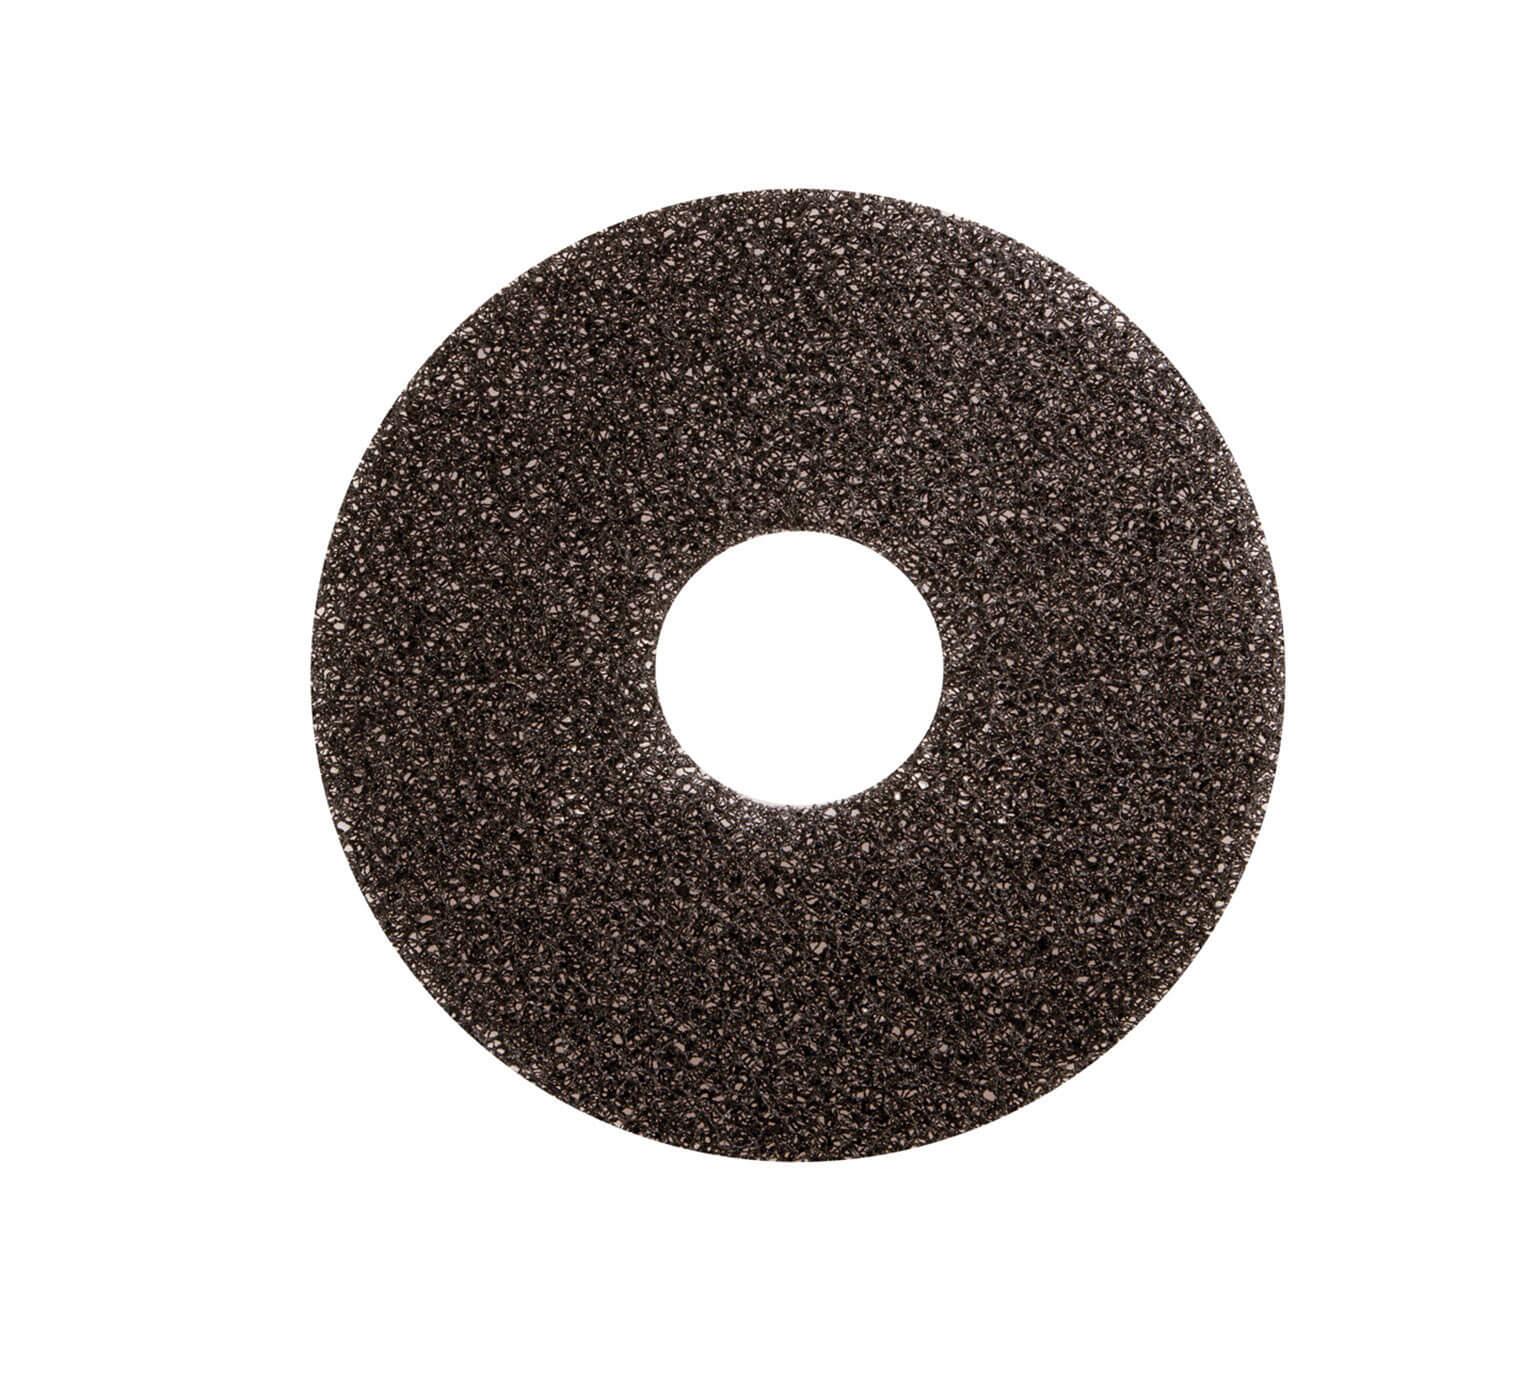 1050262 <br>Подушечки для снятия изоляции 3M, черные — 17 дюймов / 432 мм